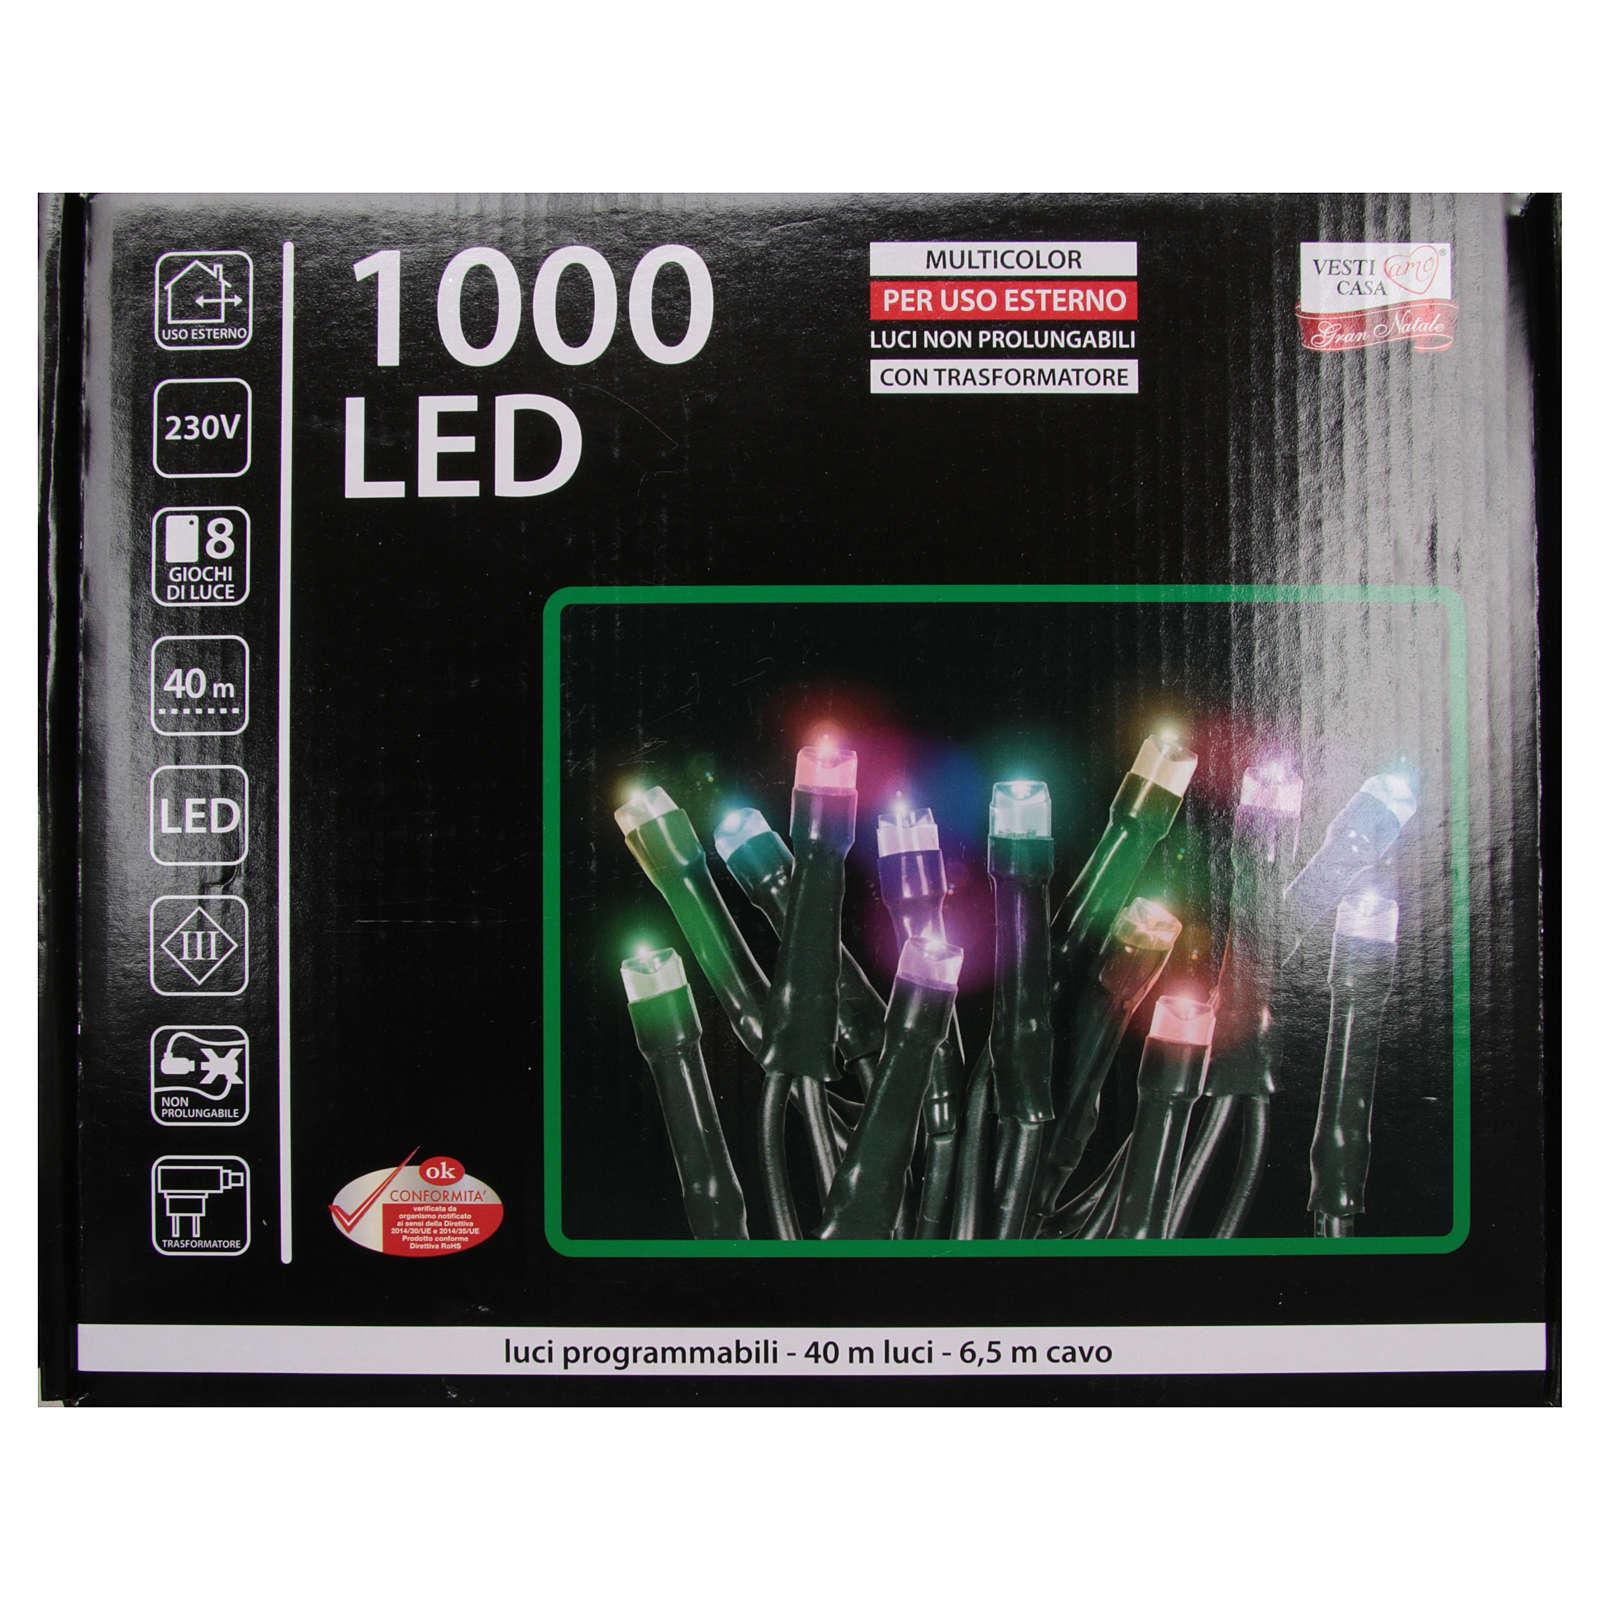 éclairage No l cha ne 1000 LEDS multicolores EXTéRIEUR programmable